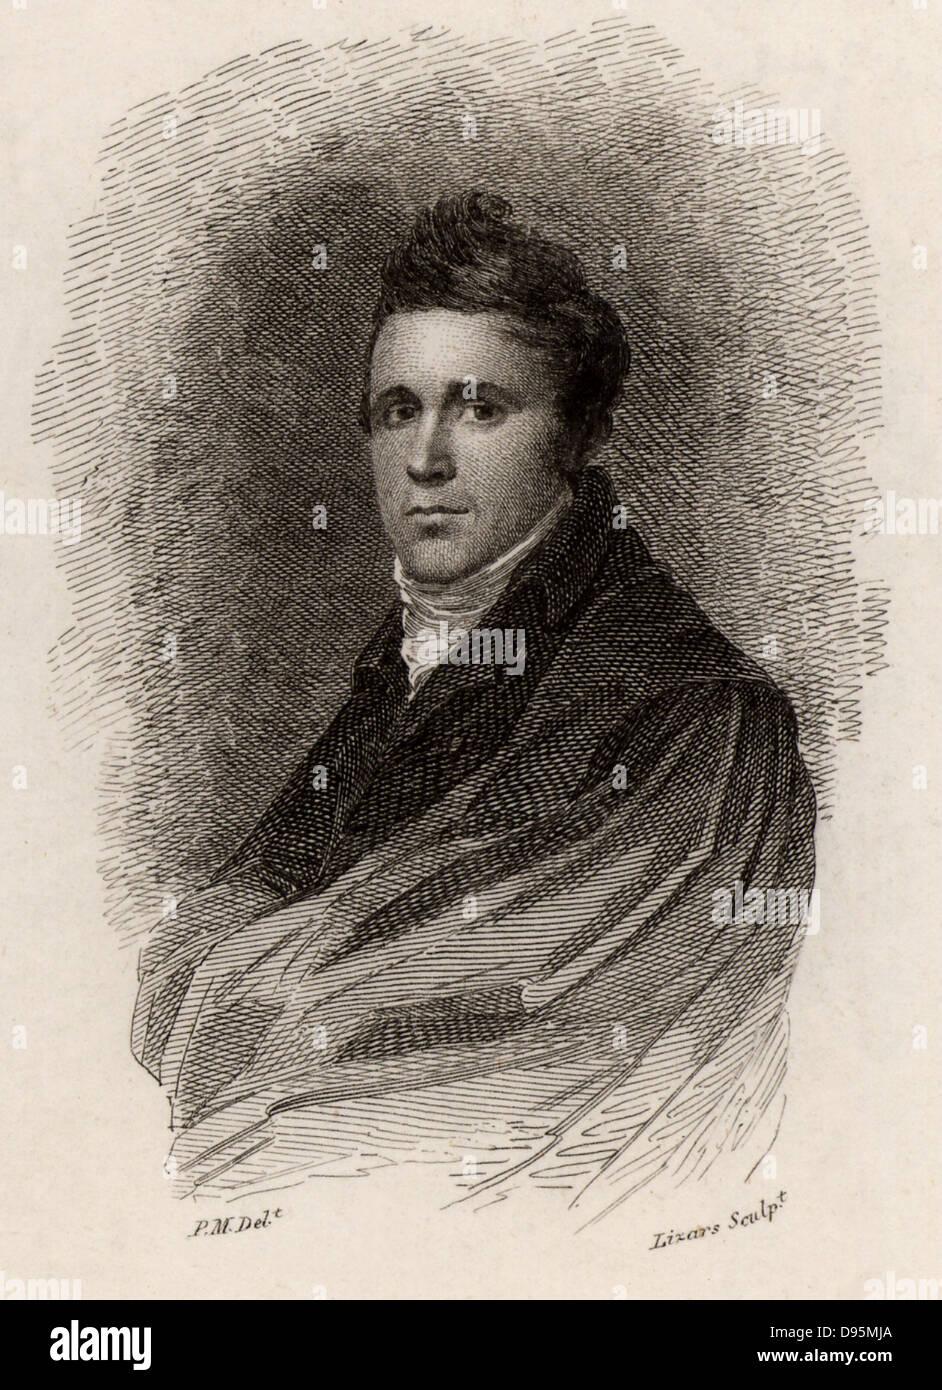 robert j jameson 1774 1854 scottish mineralogist born at leith